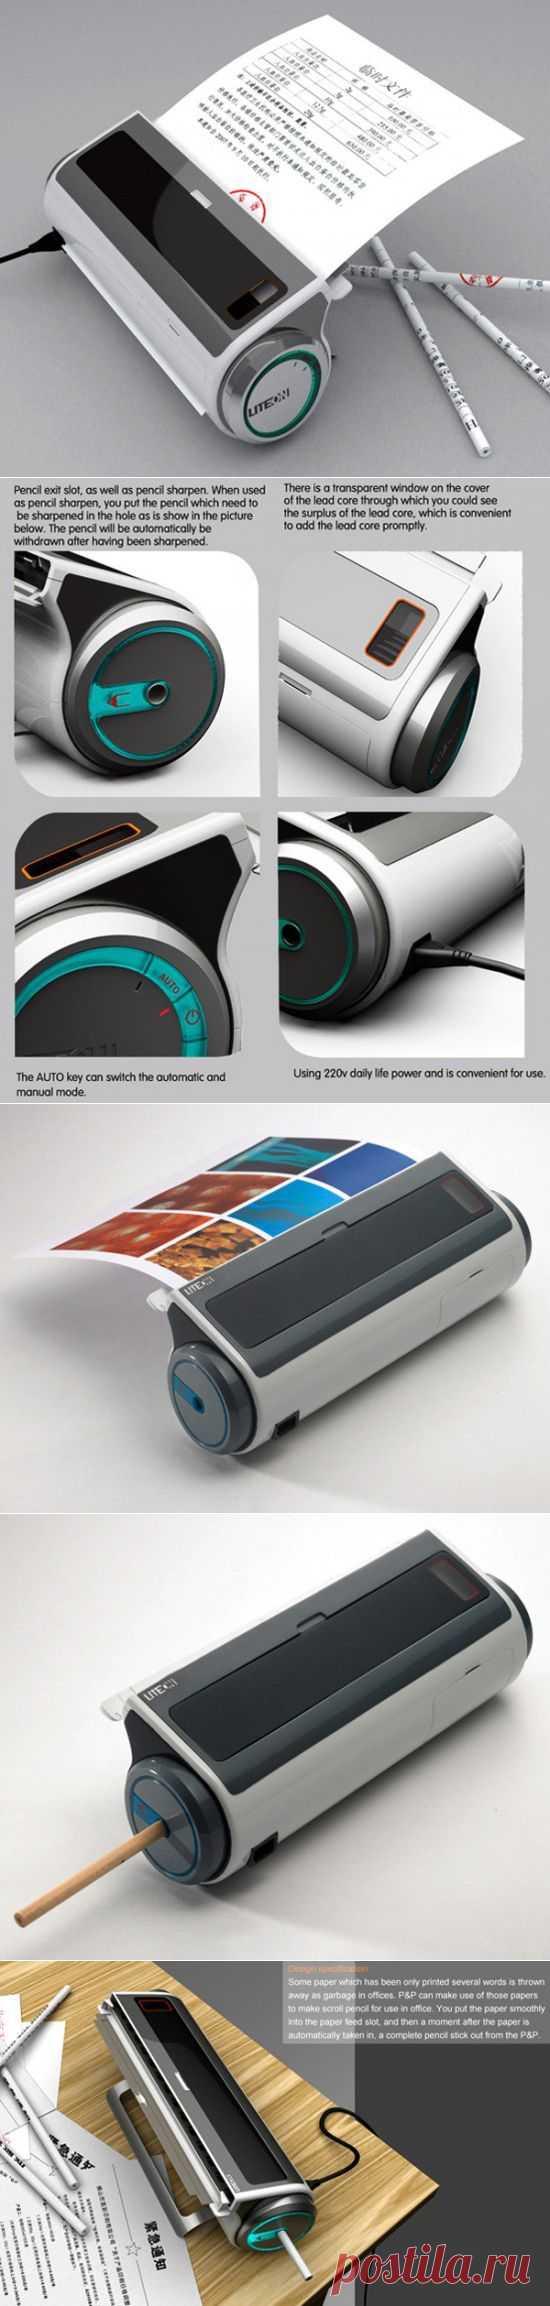 Принтер, который печатает карандаши | ПРАВИЛЬНО выбираем бытовую технику